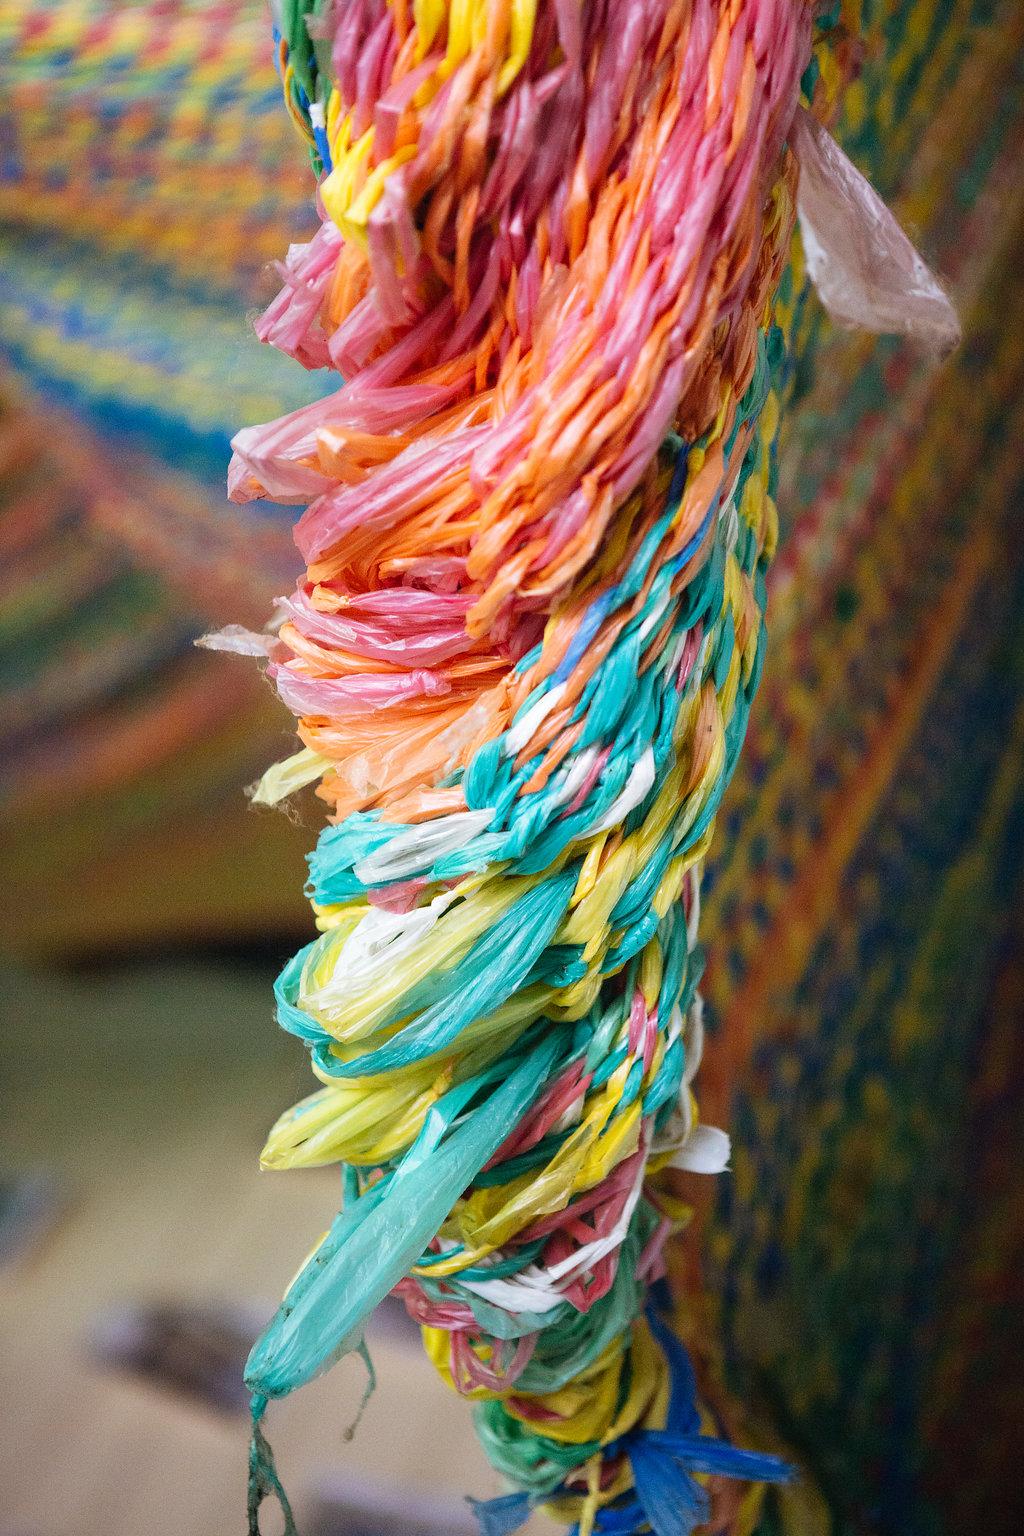 nicaragua-granada-color-weaving.jpg